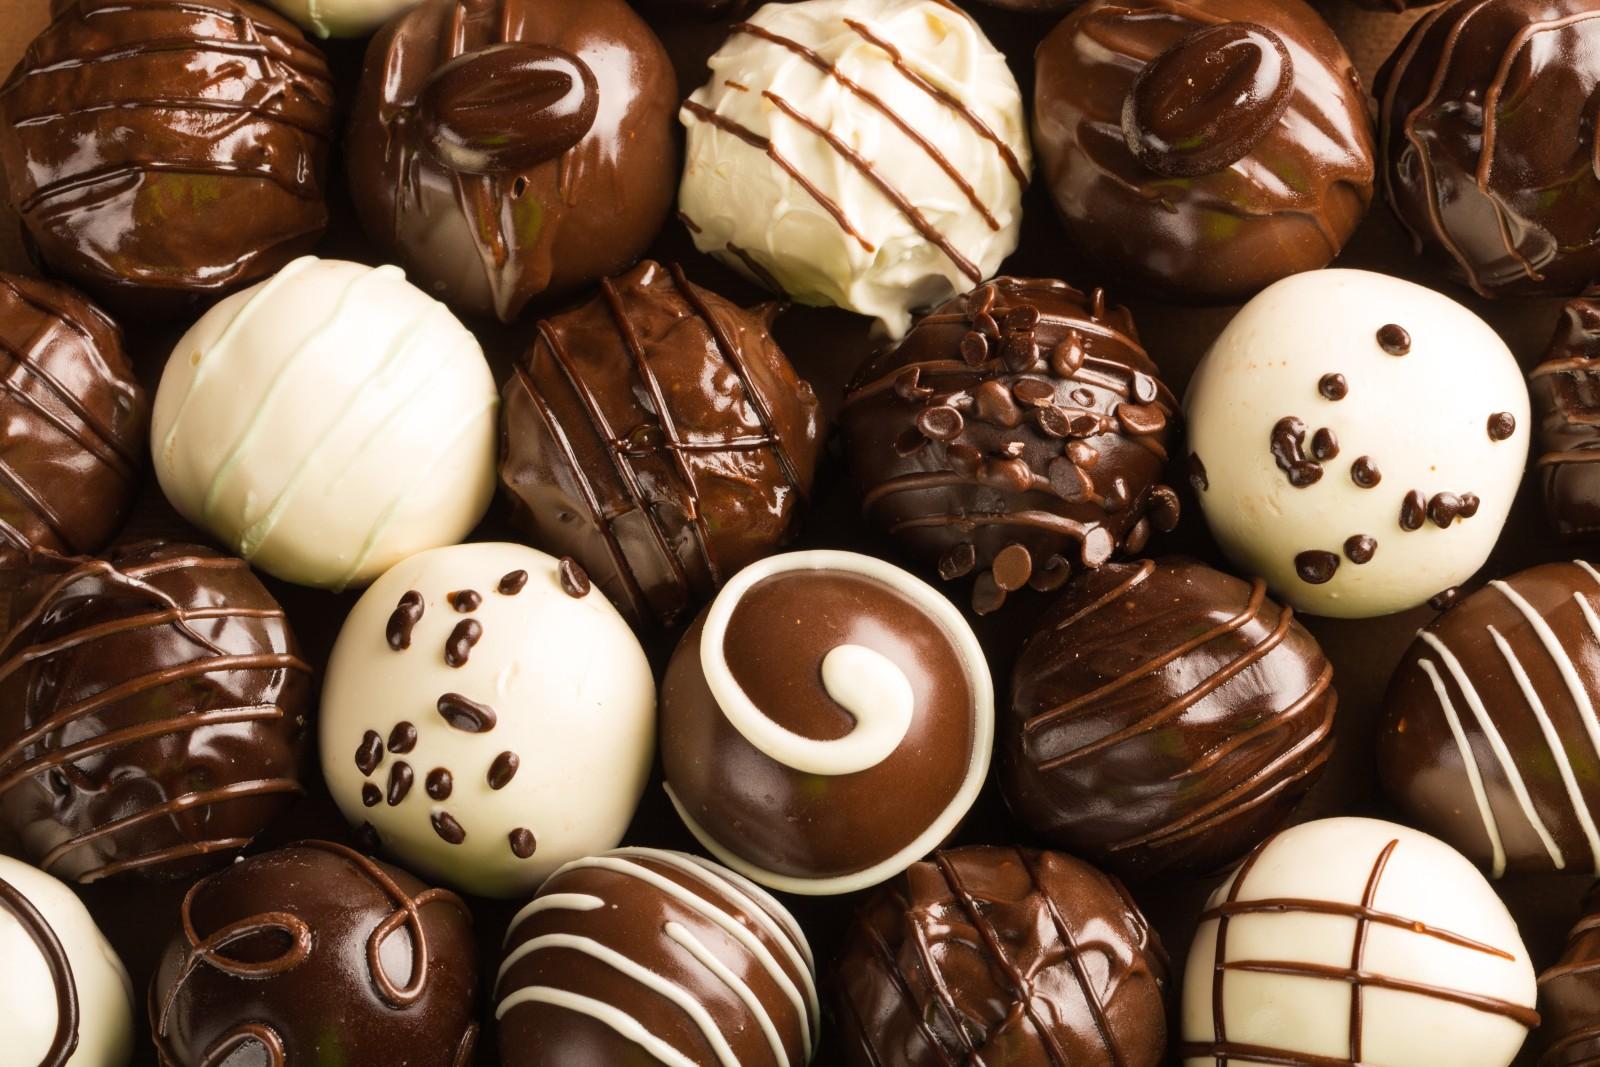 vier gr nde weshalb schokolade dich gesund macht gesundheit codecheck info. Black Bedroom Furniture Sets. Home Design Ideas